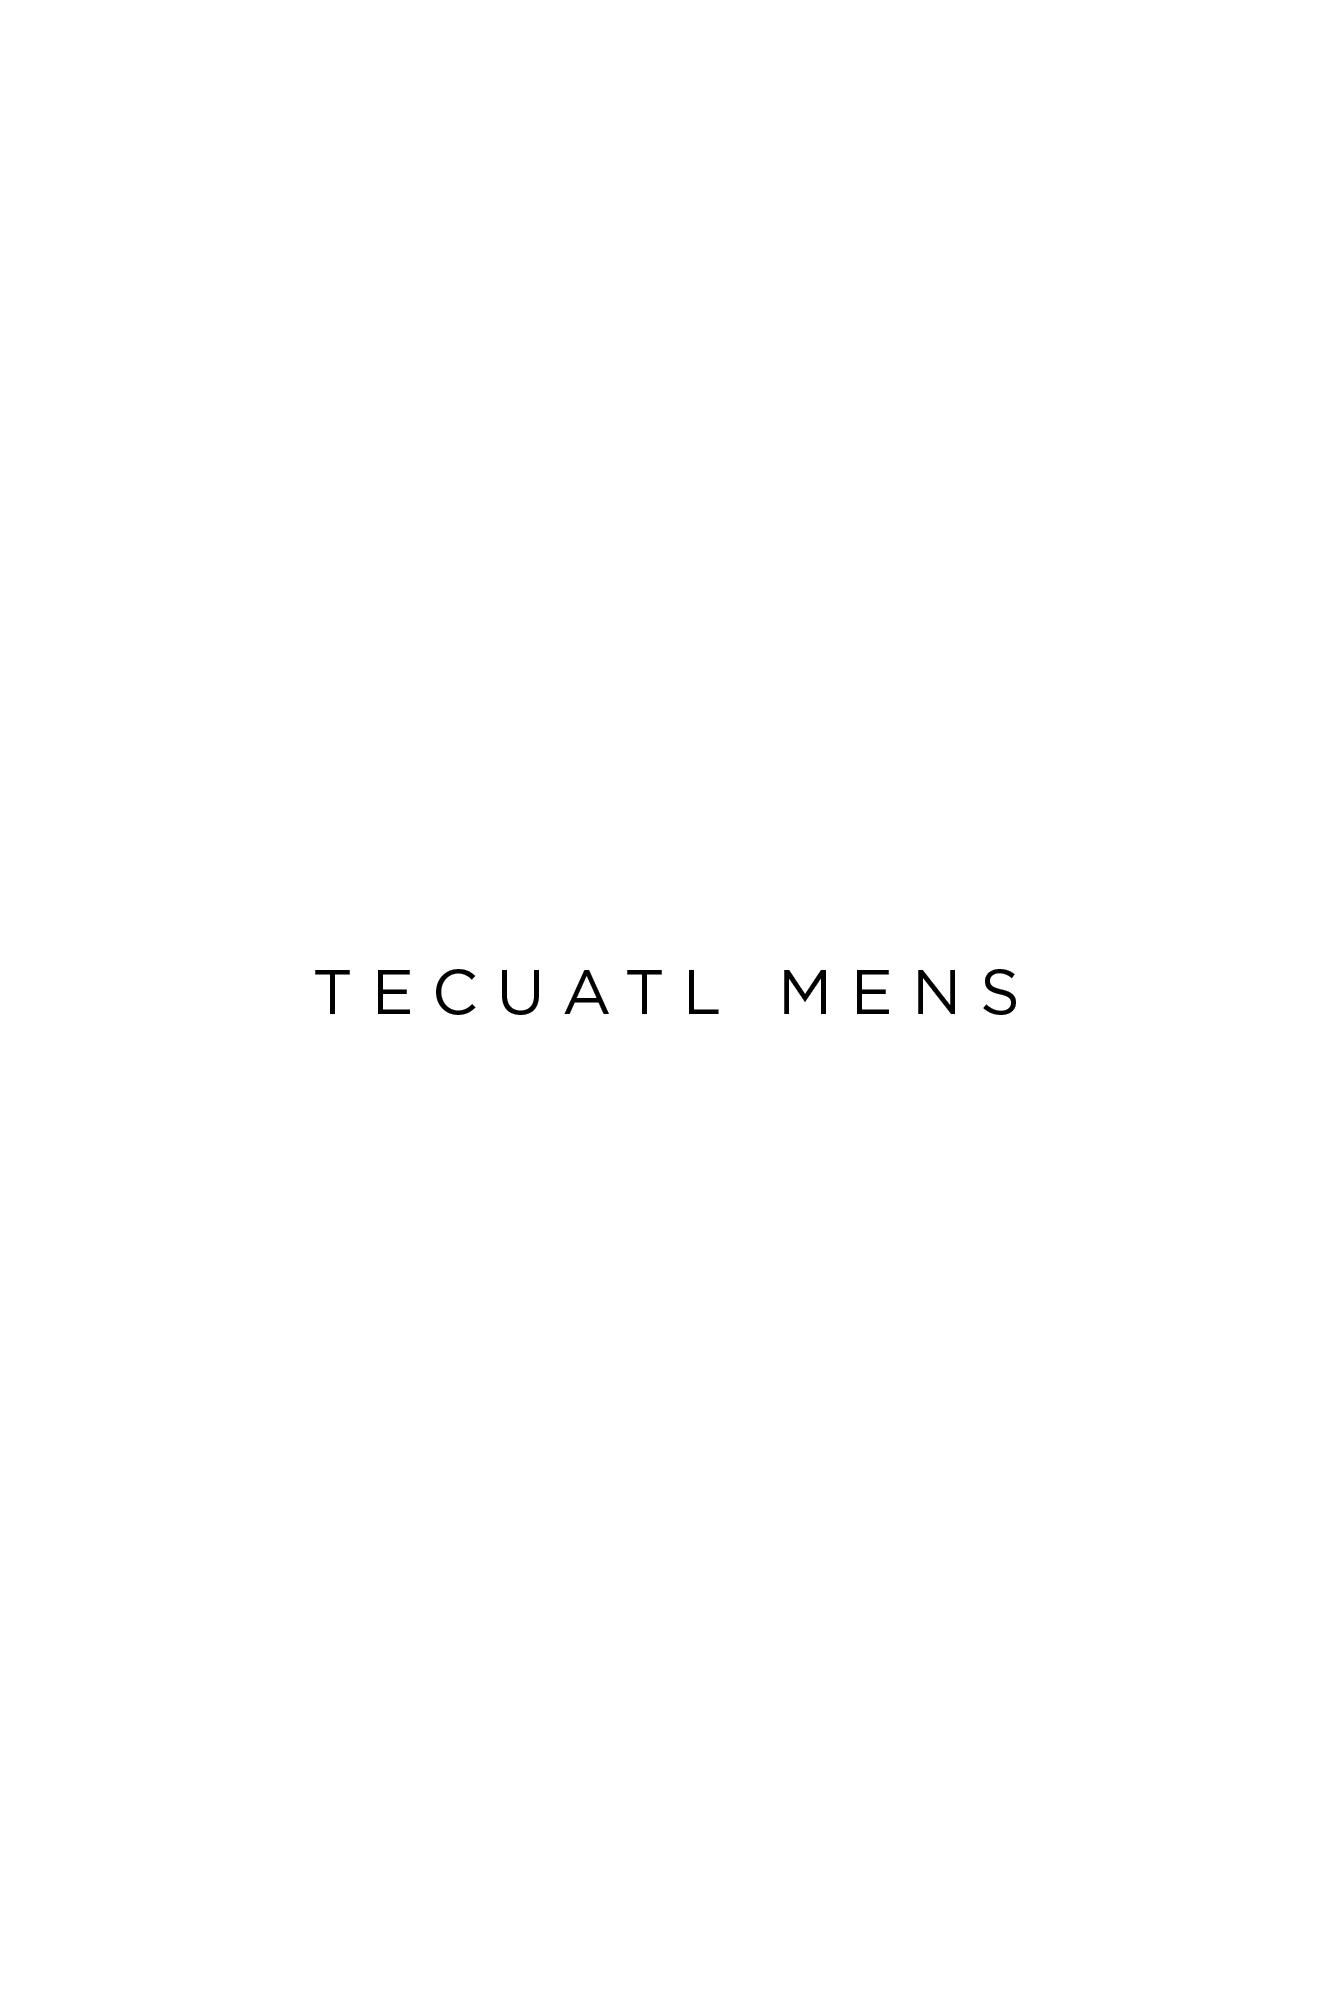 Tecuatl mens